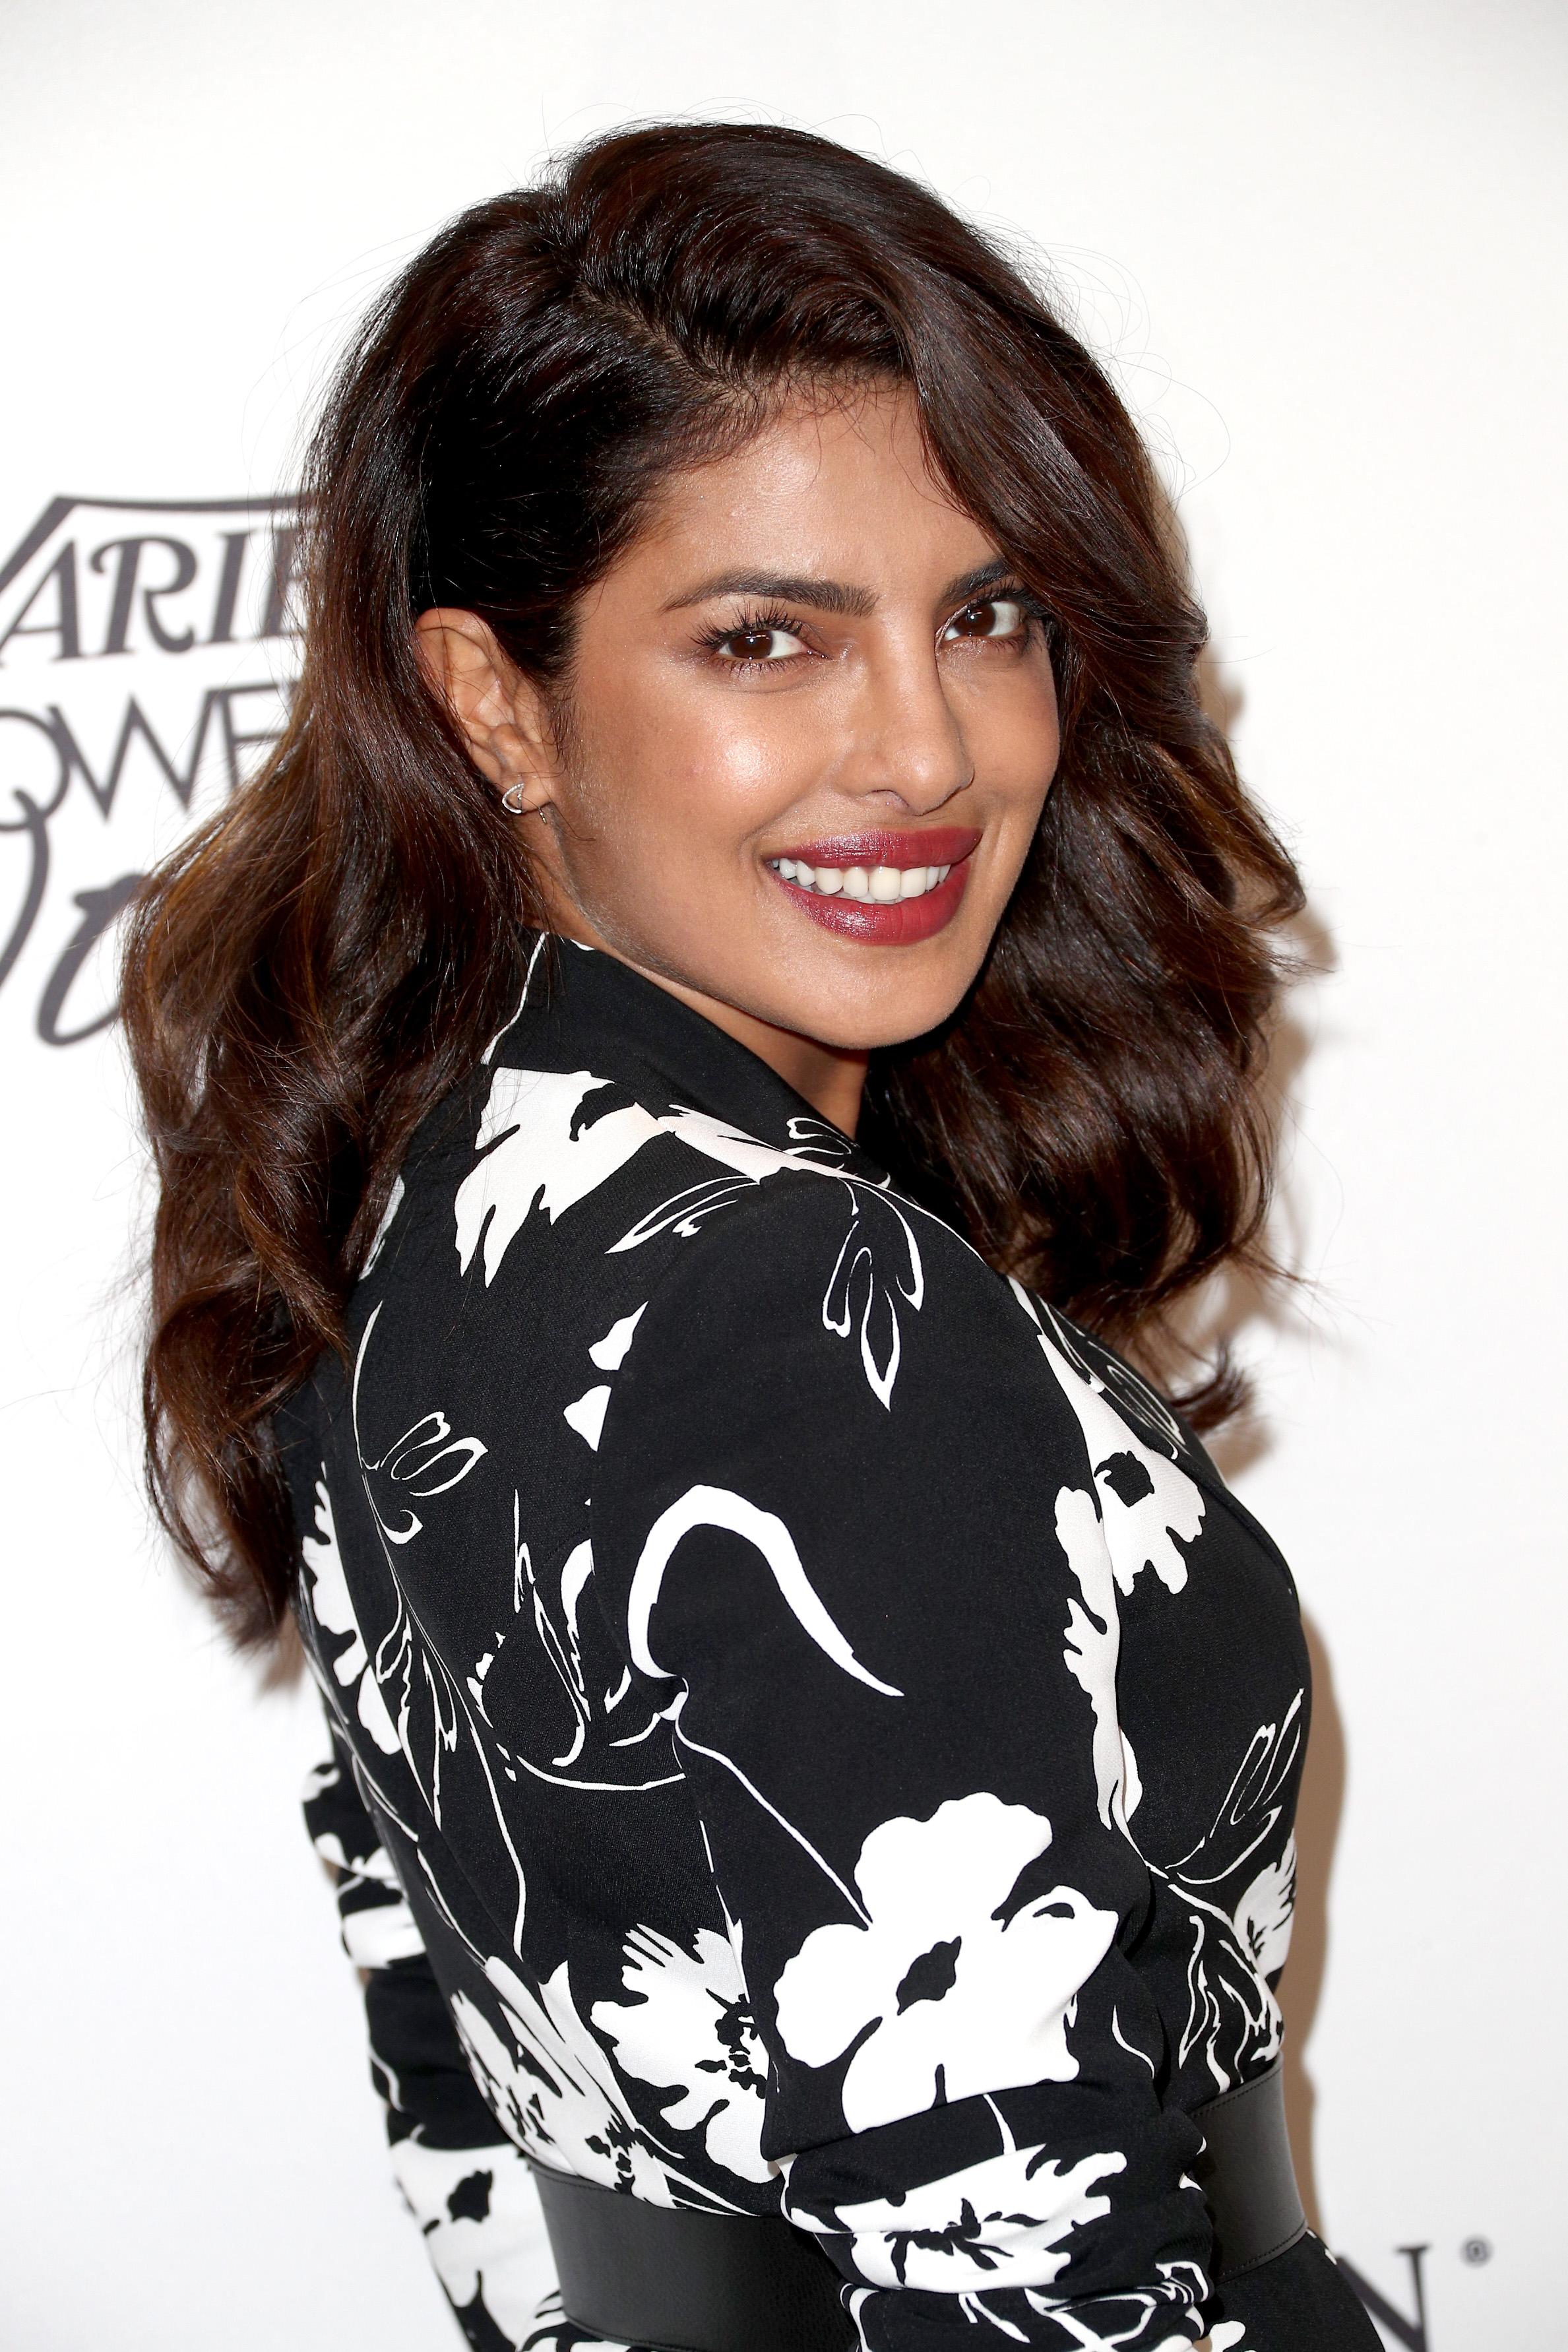 Γιατί η Priyanka Chopra χρησιμοποιεί πινέλο ρουζ στα μαλλιά της!